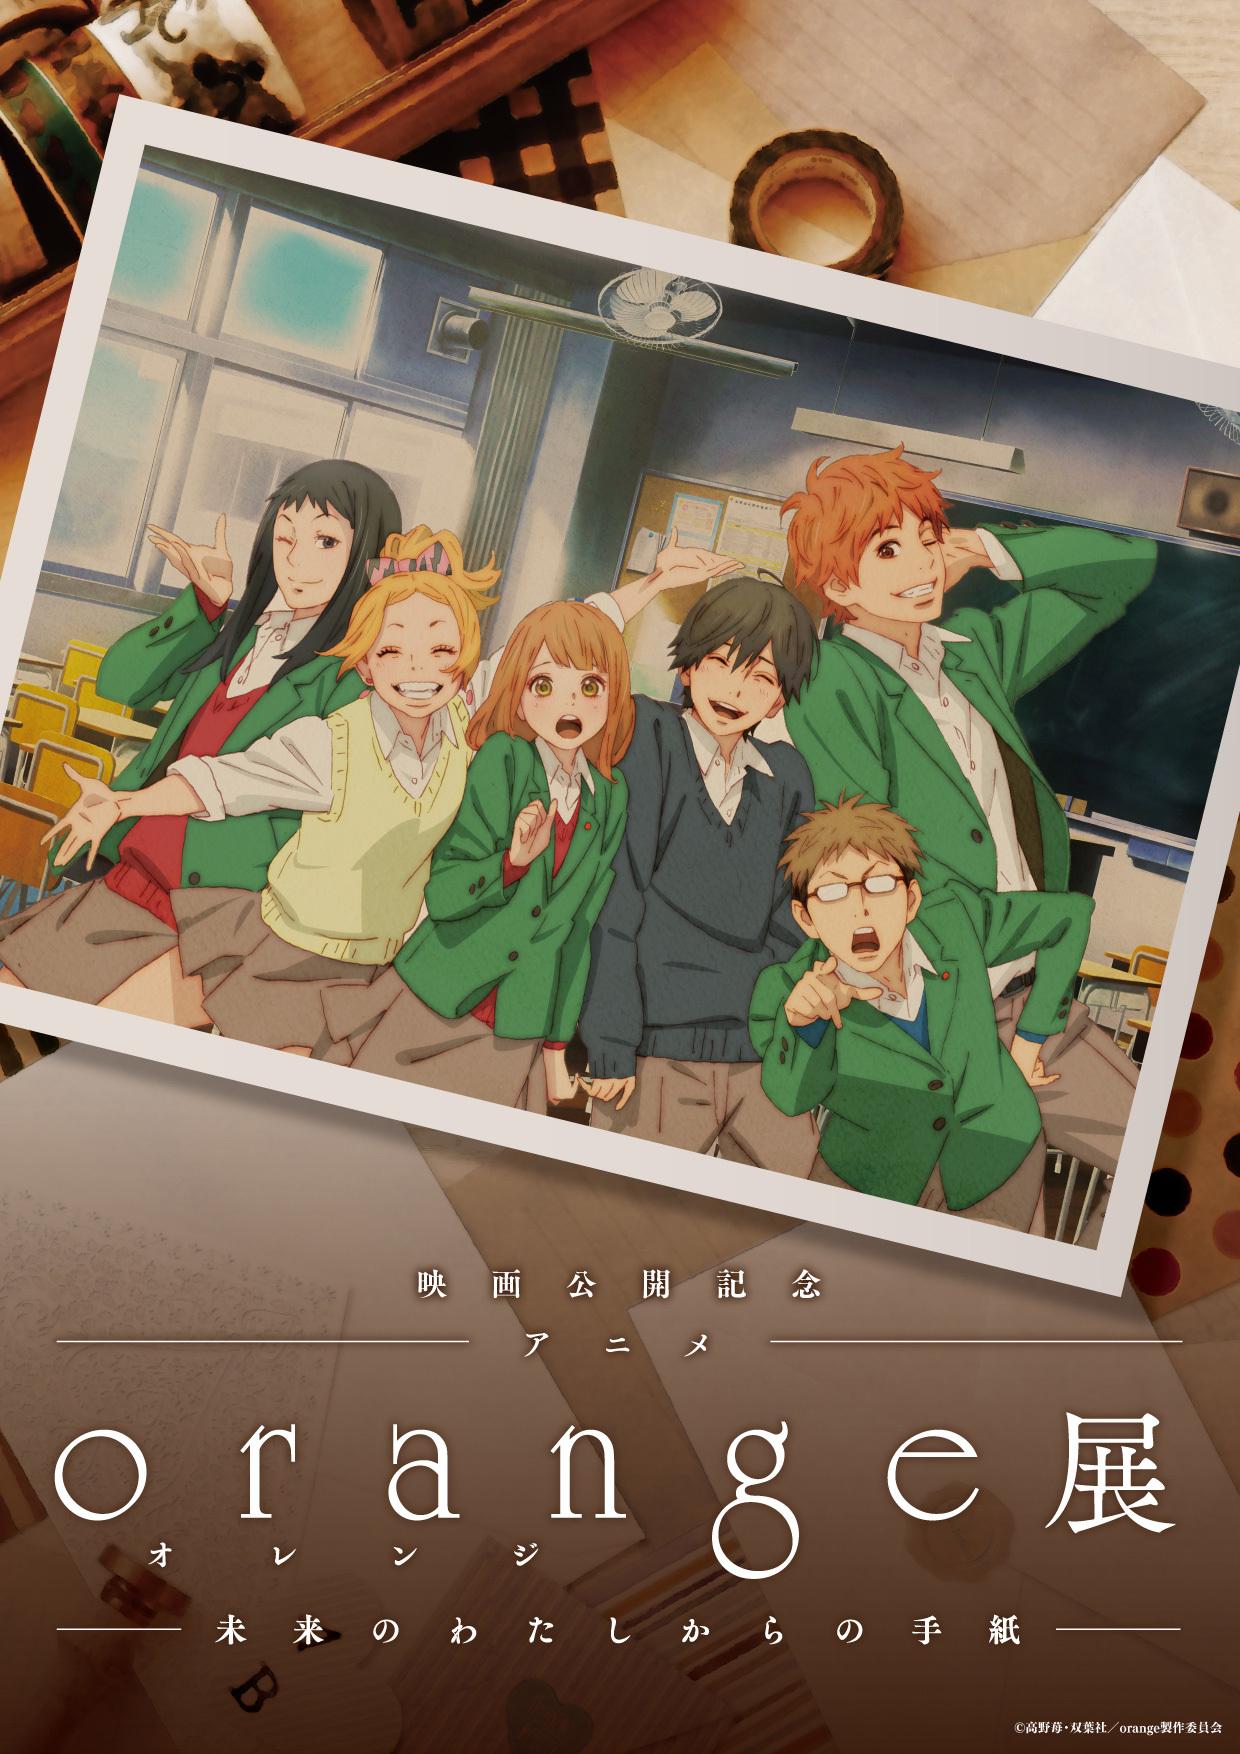 『アニメ「orange」展~未来のわたしからの手紙~』